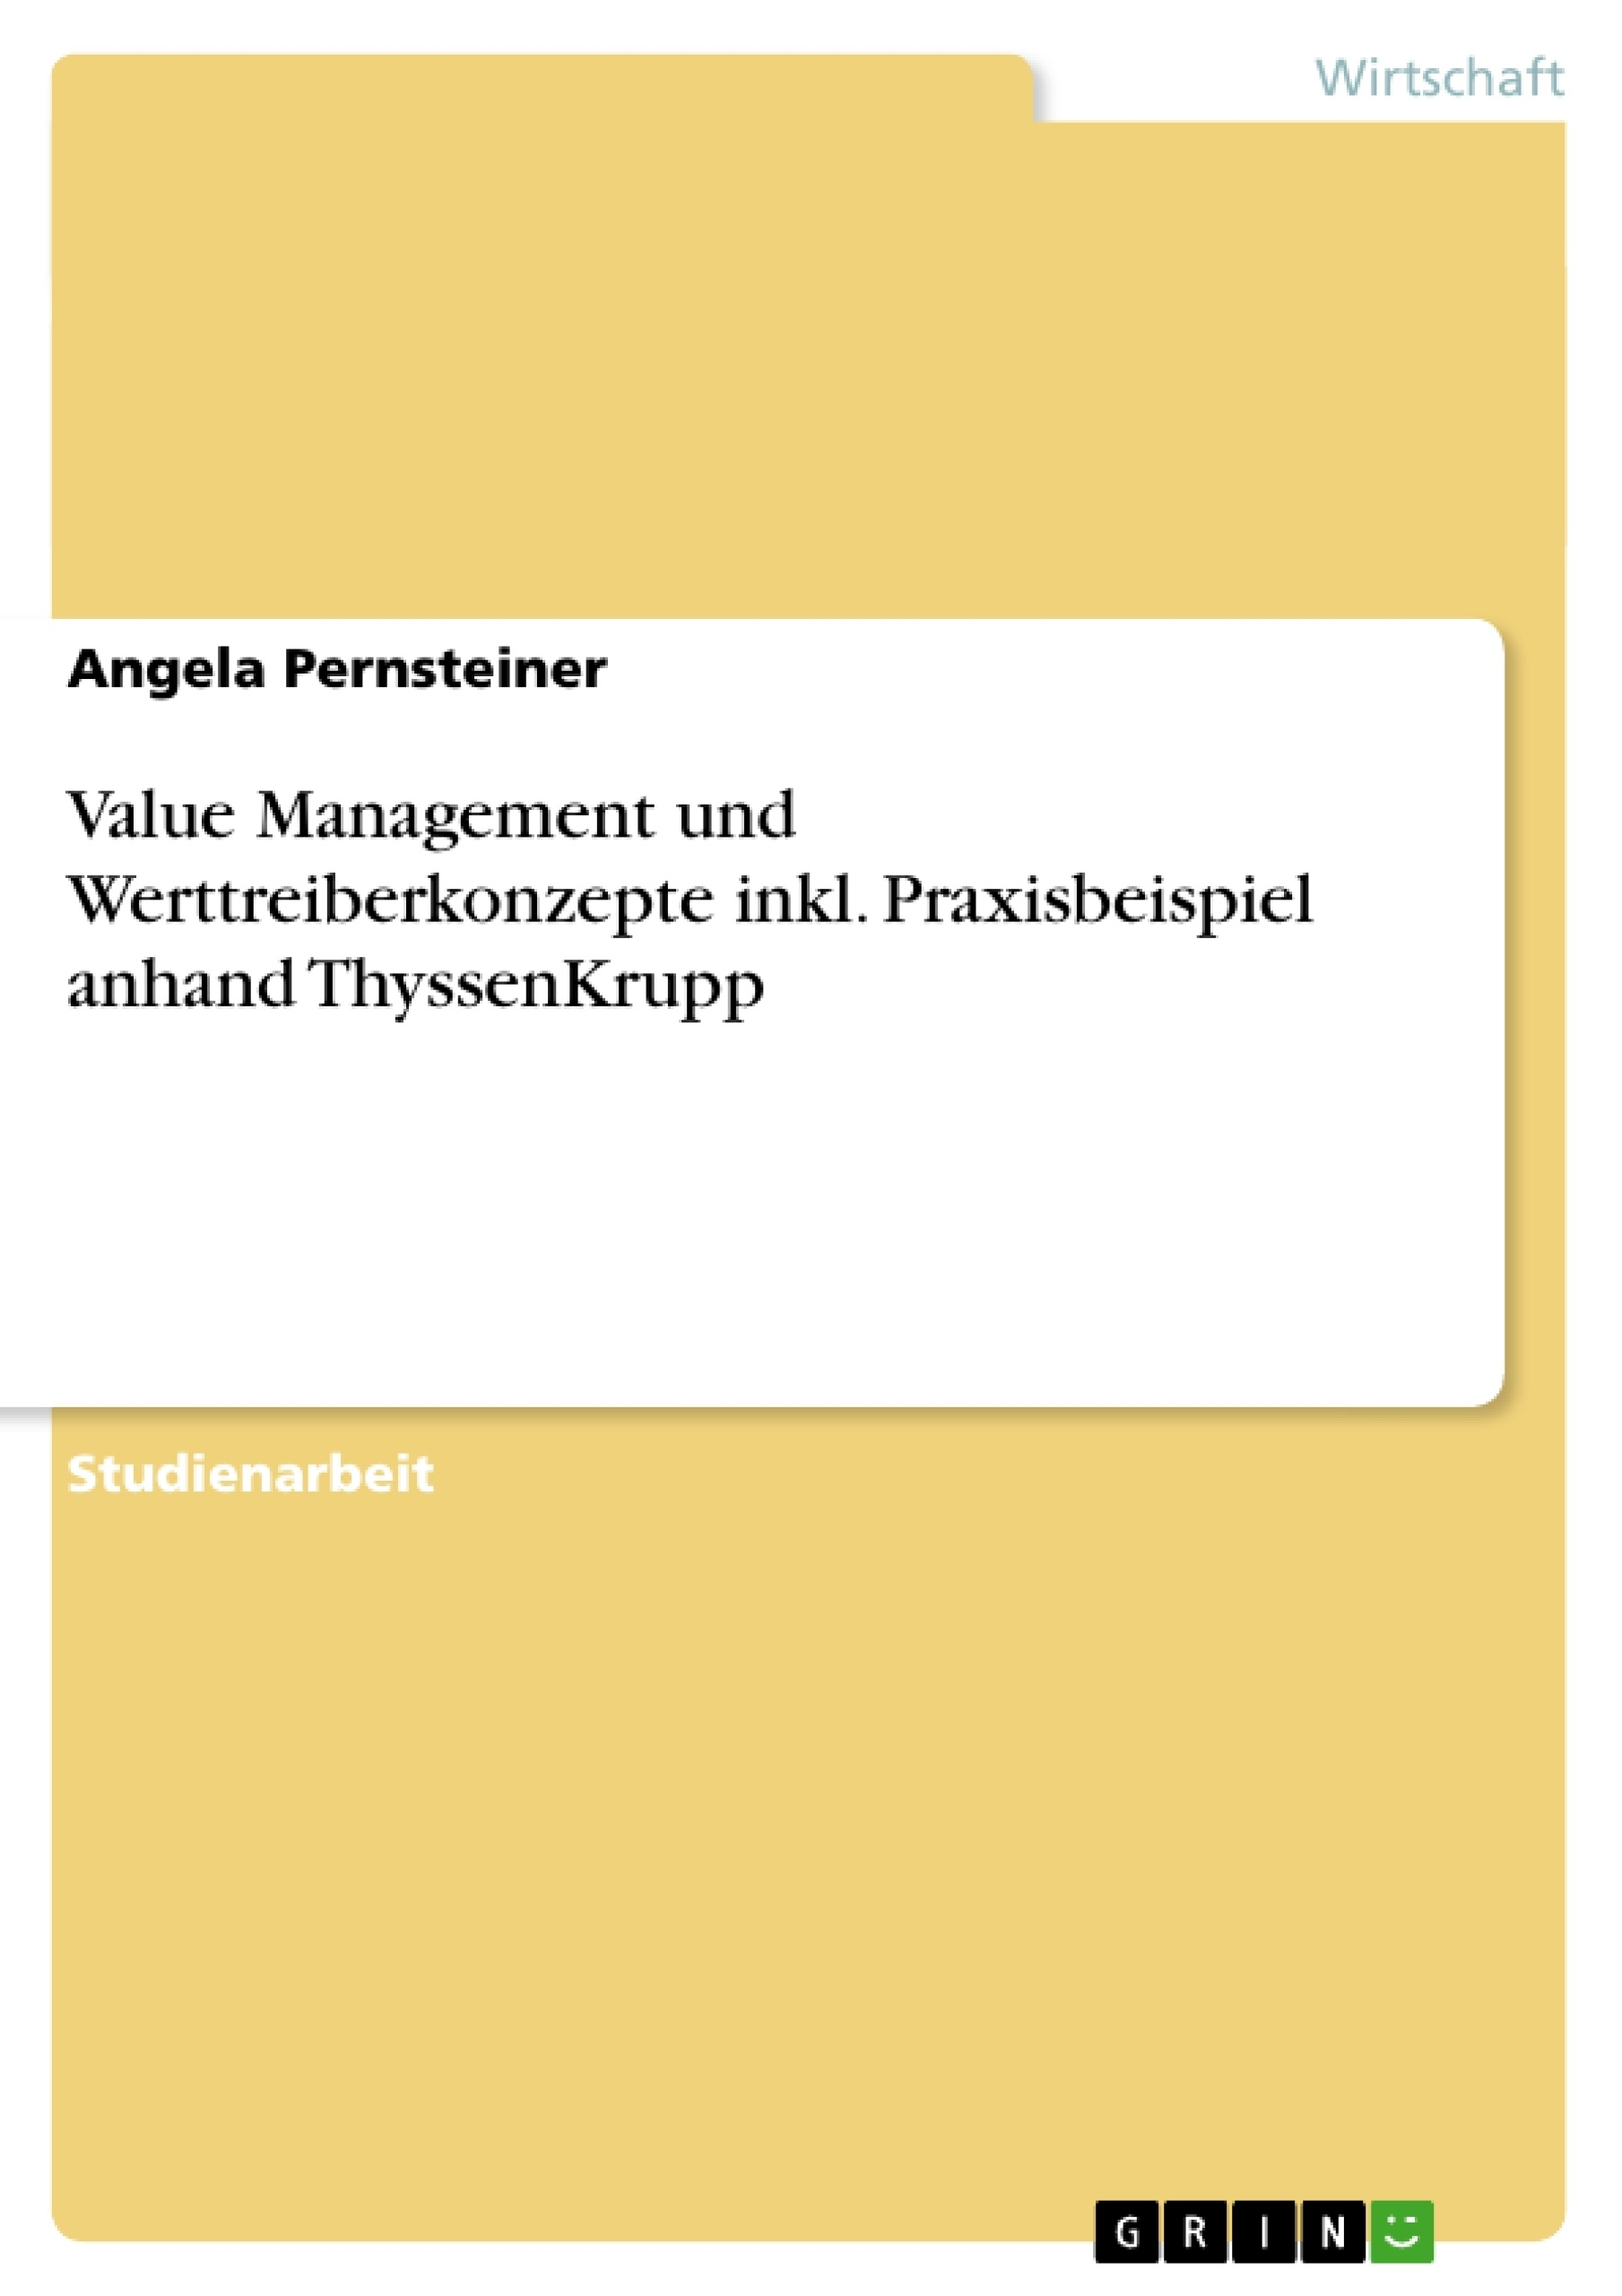 Titel: Value Management und Werttreiberkonzepte inkl. Praxisbeispiel anhand ThyssenKrupp